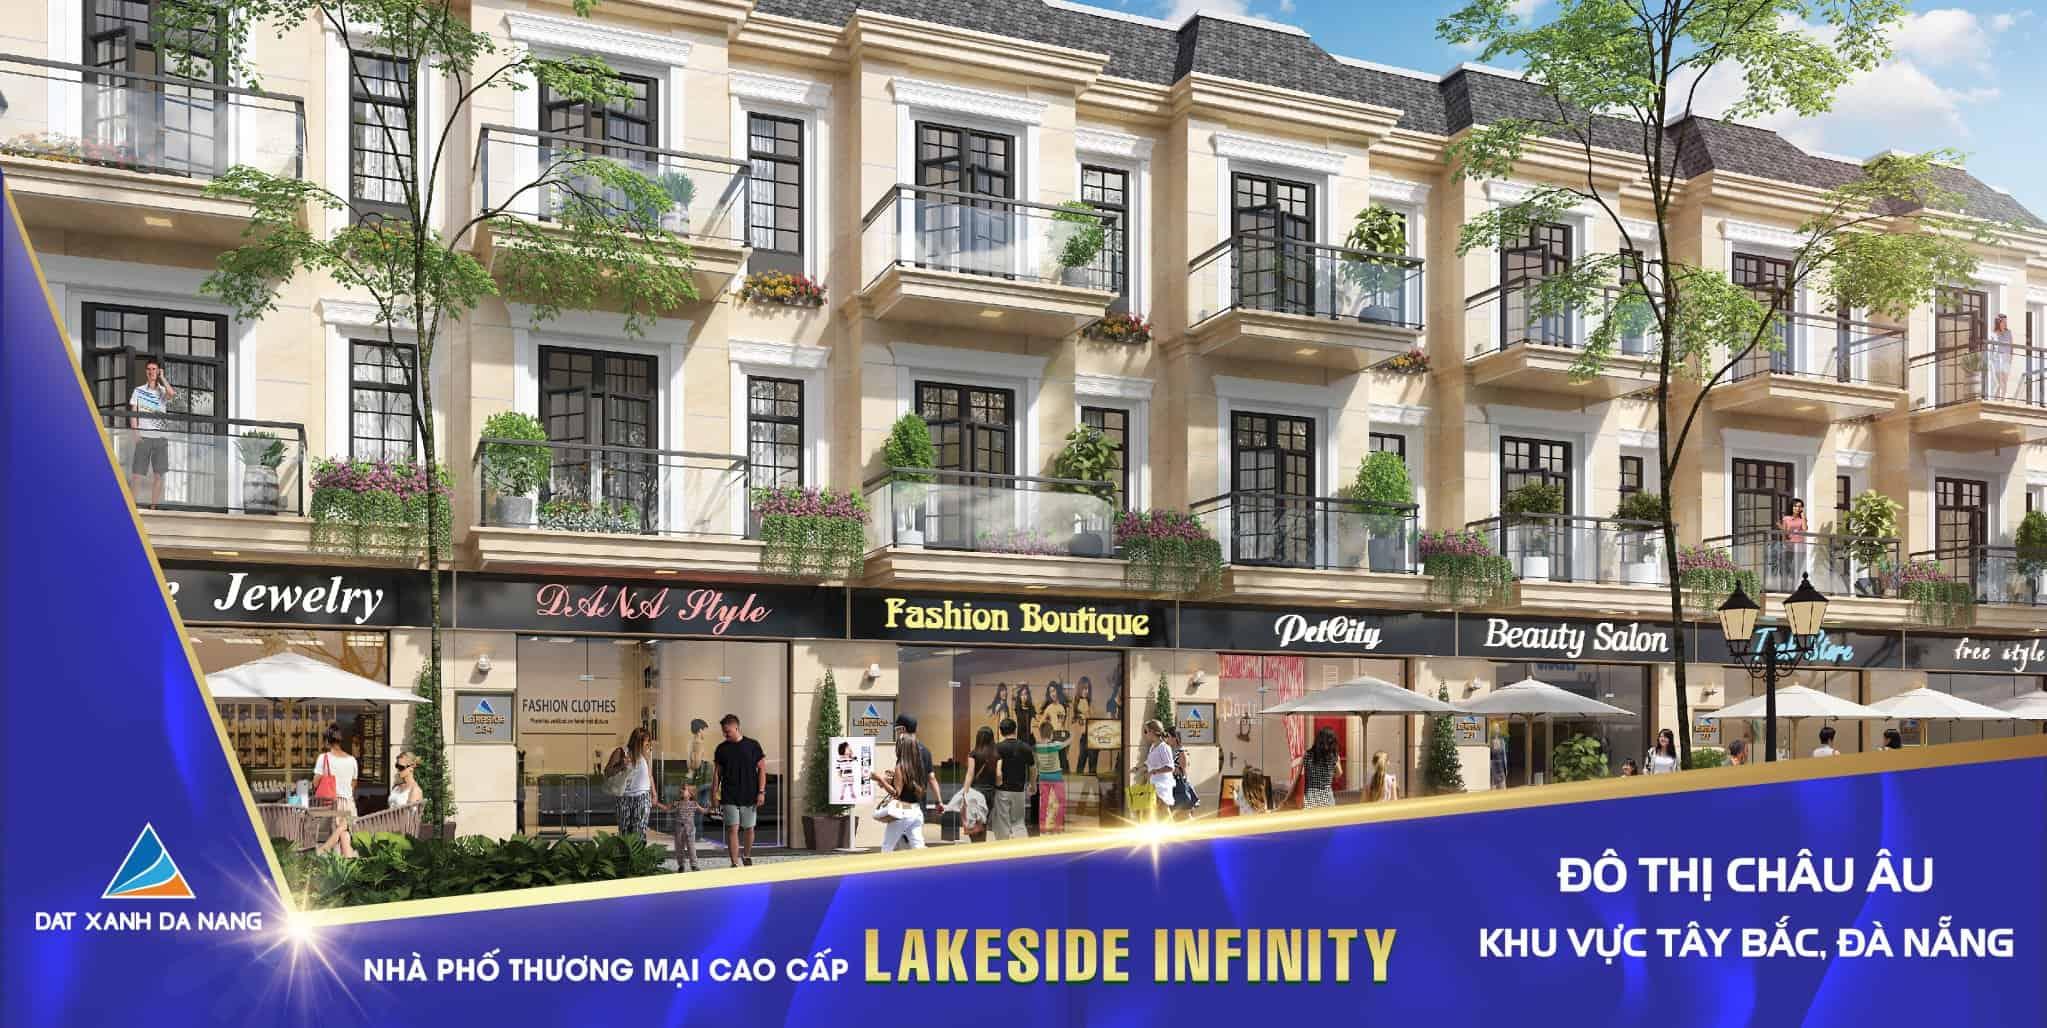 Chính chủ cần bán gấp shophouse Lake side đường Mê Linh GIÁ SỤP HẦM